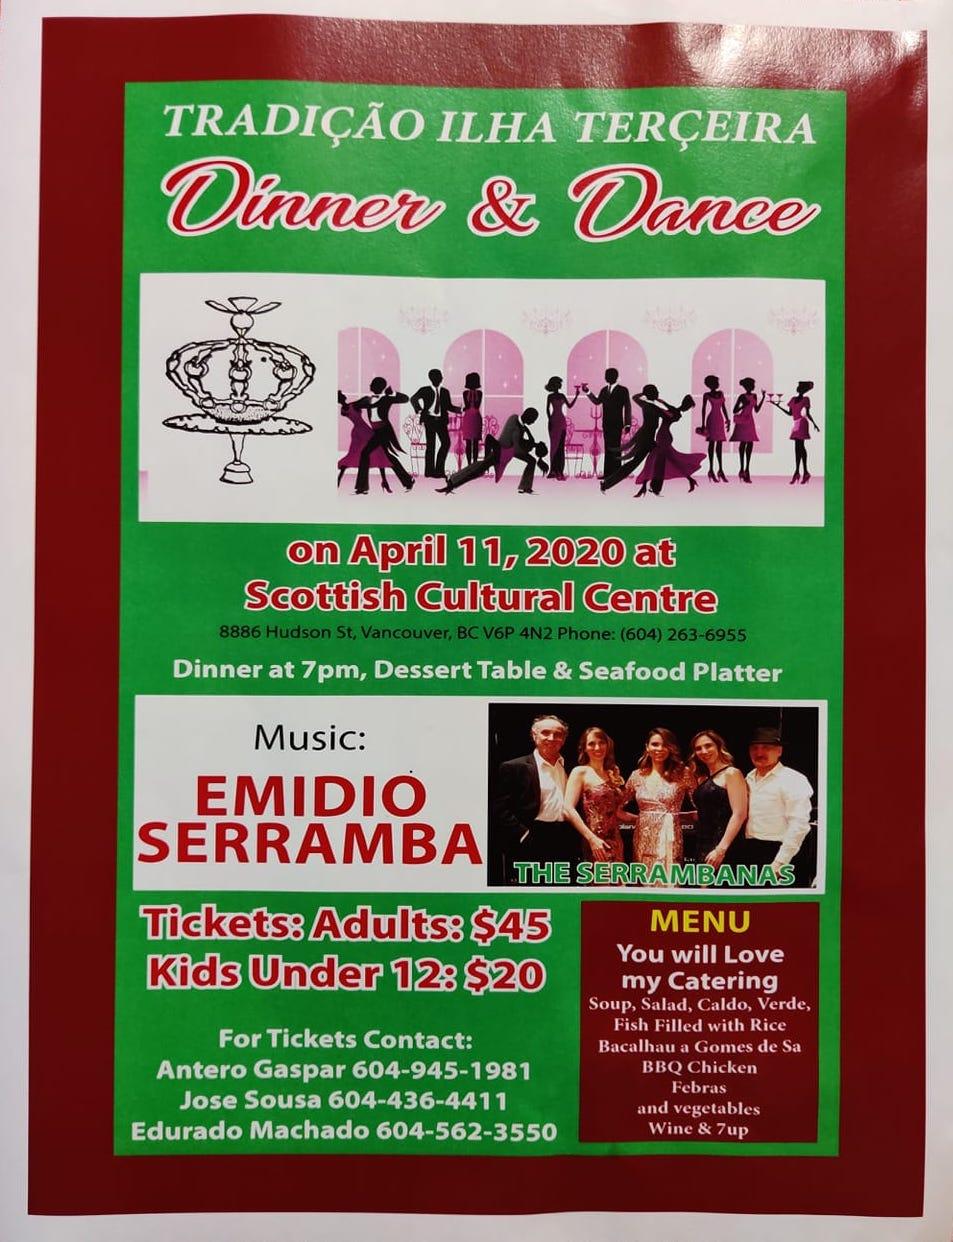 Tradição da Ilha Terceira Dinner & Dance